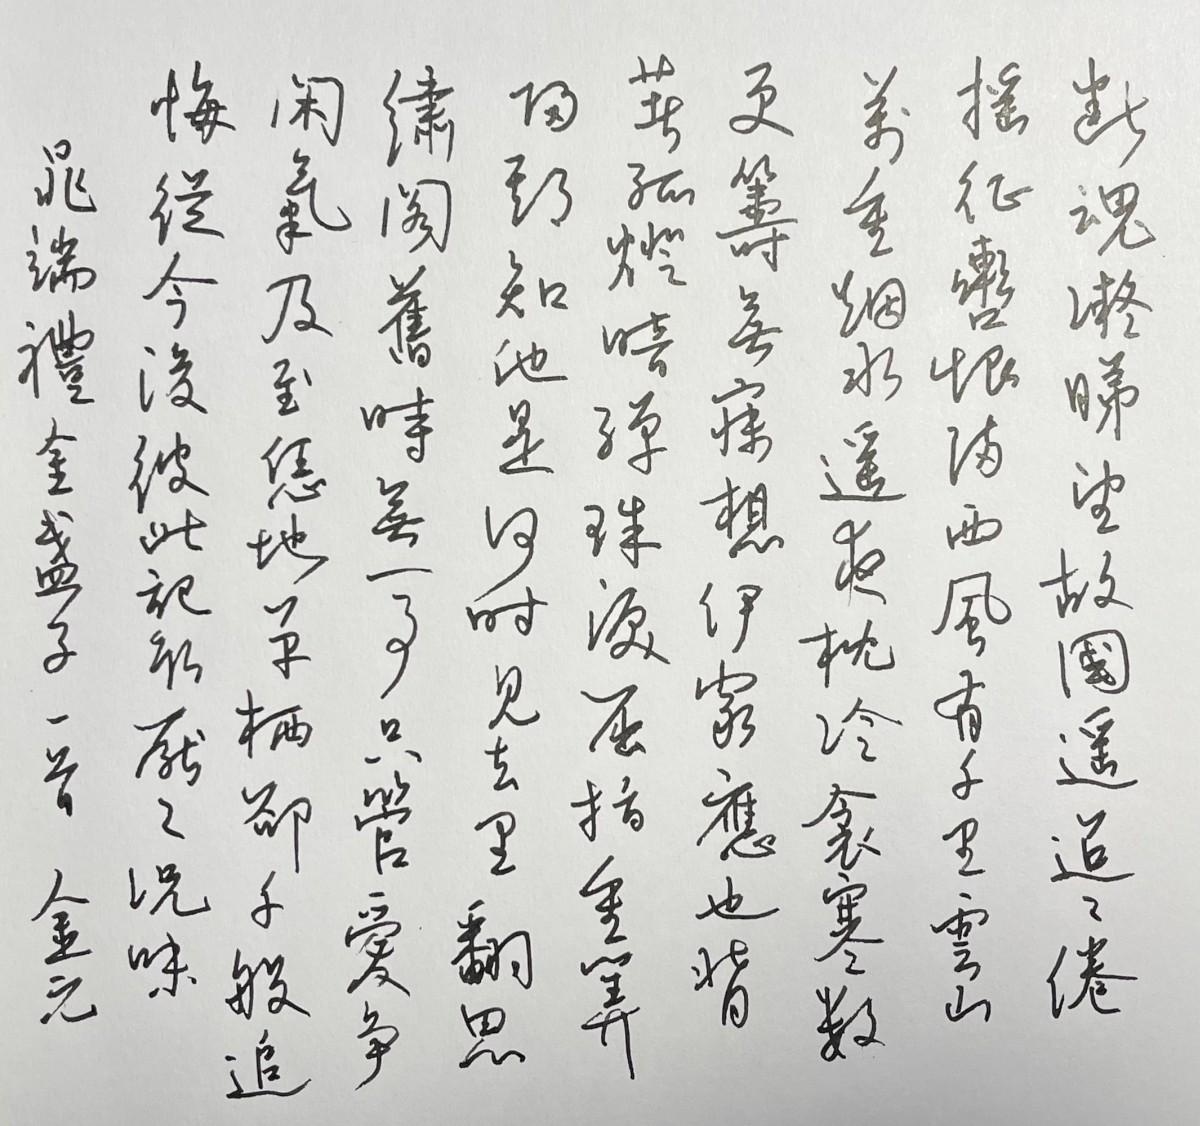 钢笔书法练字打卡20210727-07